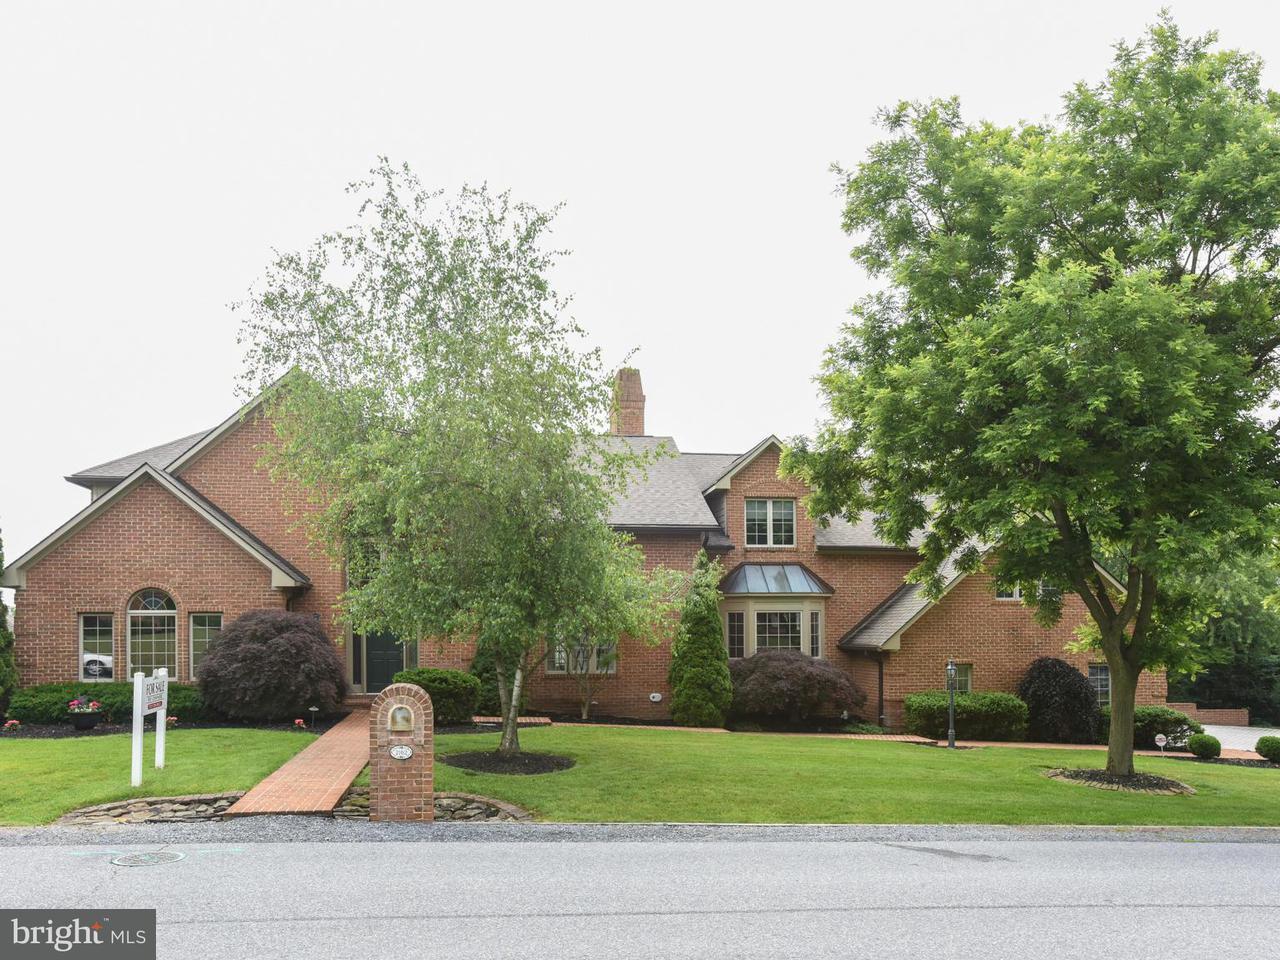 Μονοκατοικία για την Πώληση στο 2162 Castlegreen Drive 2162 Castlegreen Drive Greencastle, Πενσιλβανια 17225 Ηνωμενεσ Πολιτειεσ